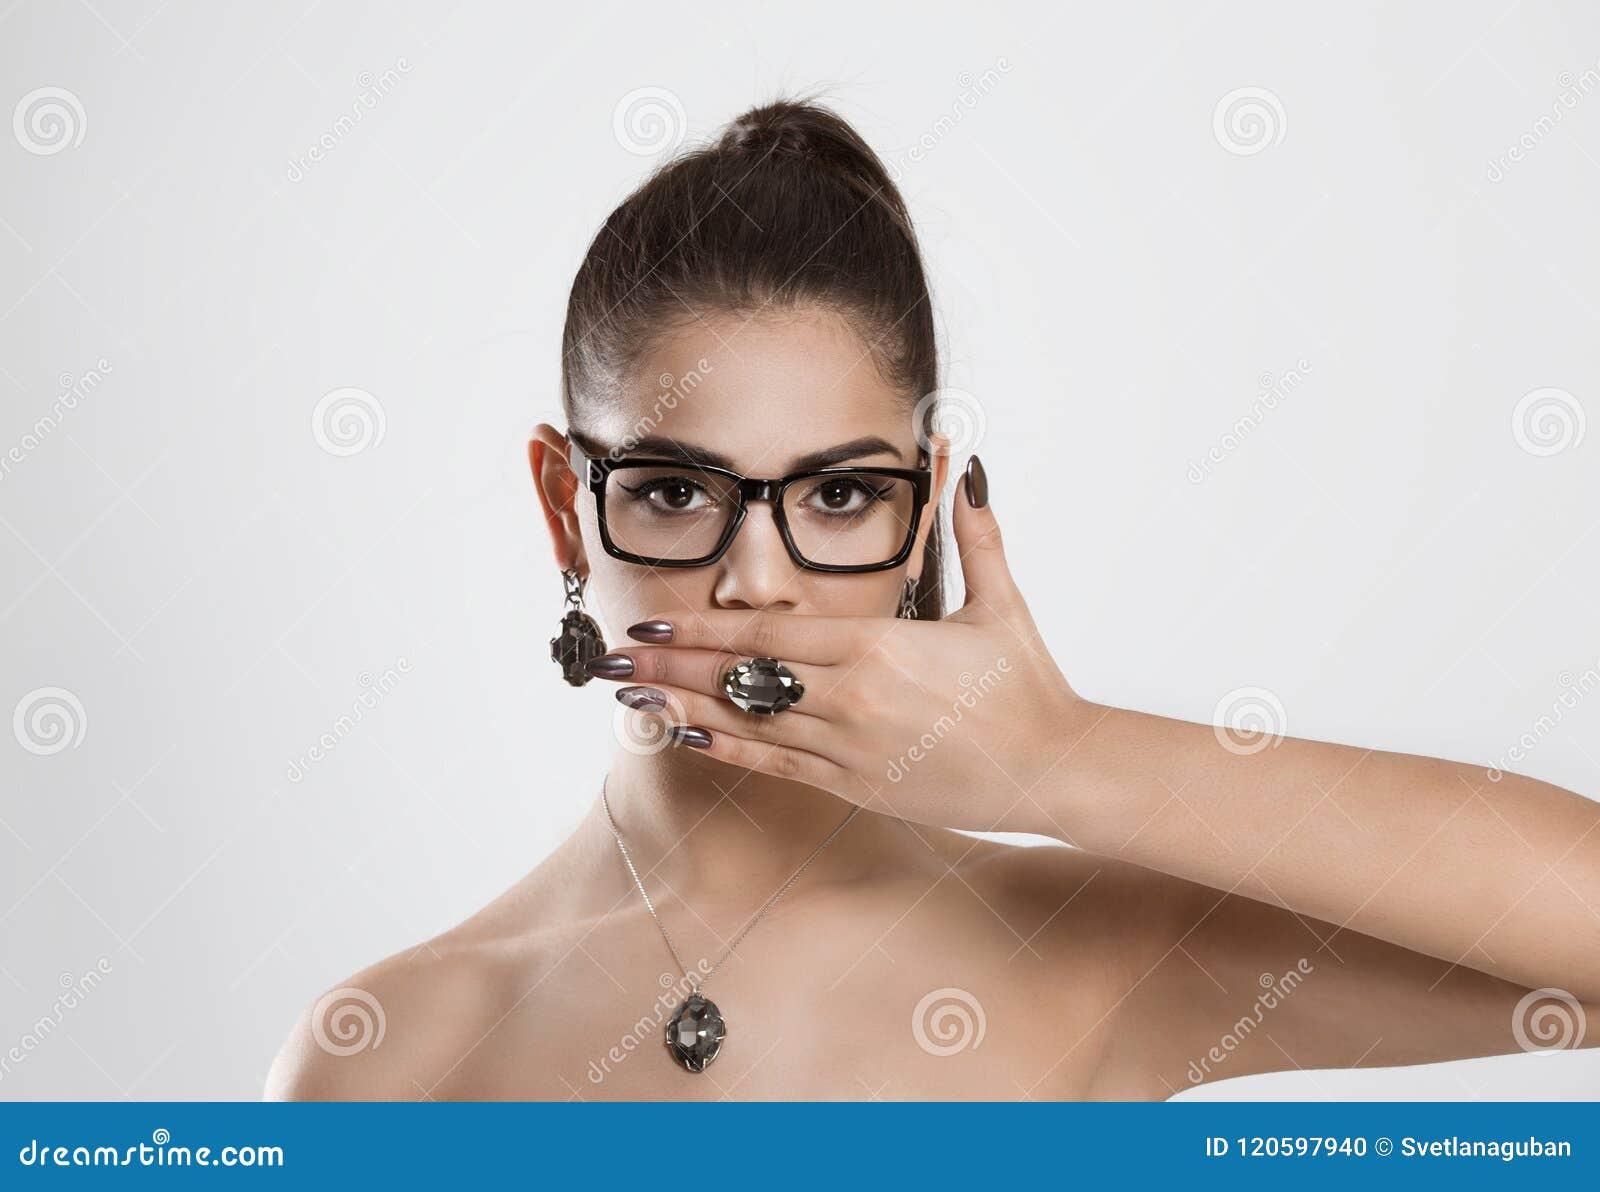 Η γυναίκα που καλύπτει το στόμα με δεν έχει κανένα δικαίωμα στη συζήτηση να μην μιλήσει κανένα κακό